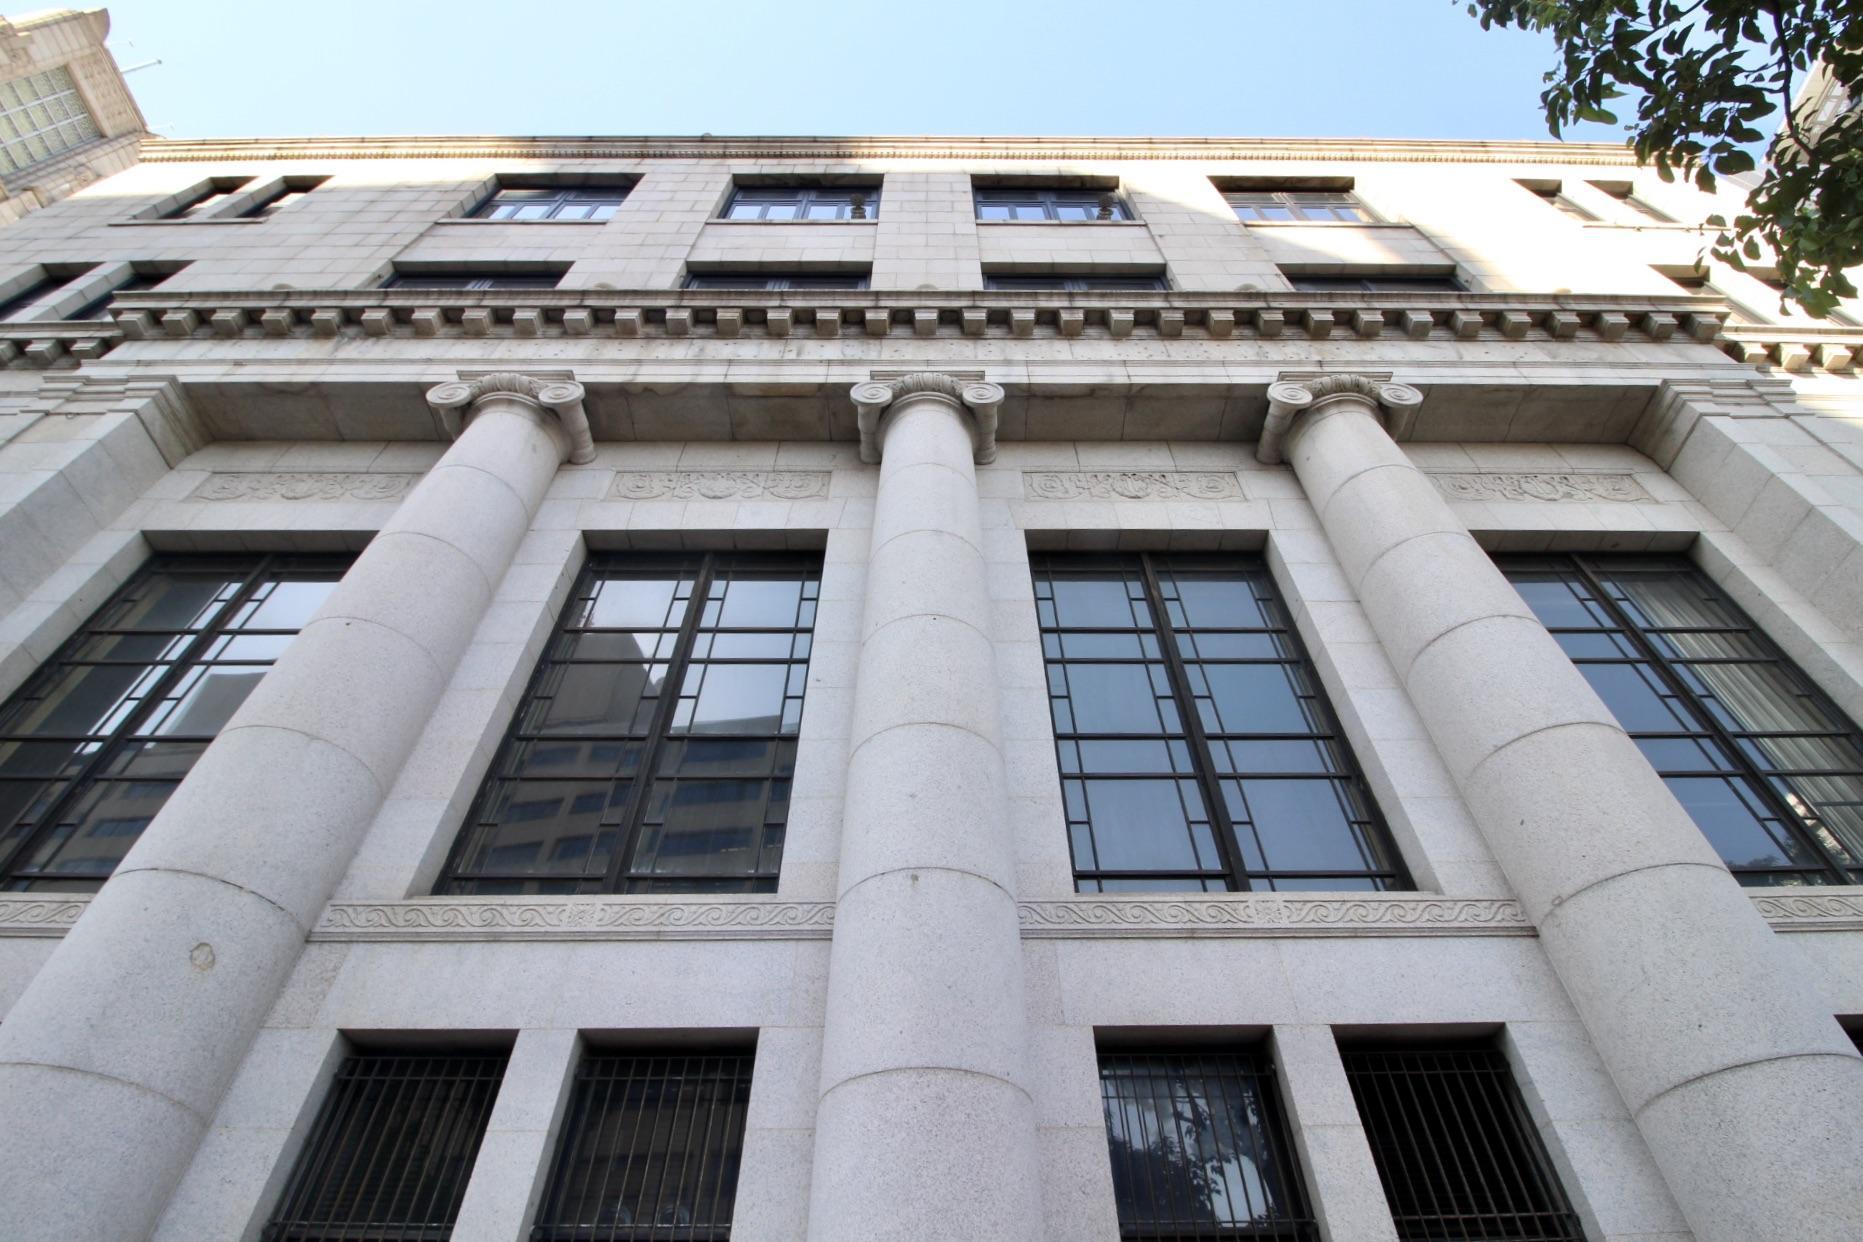 2階窓が大きく取られているのが特徴的